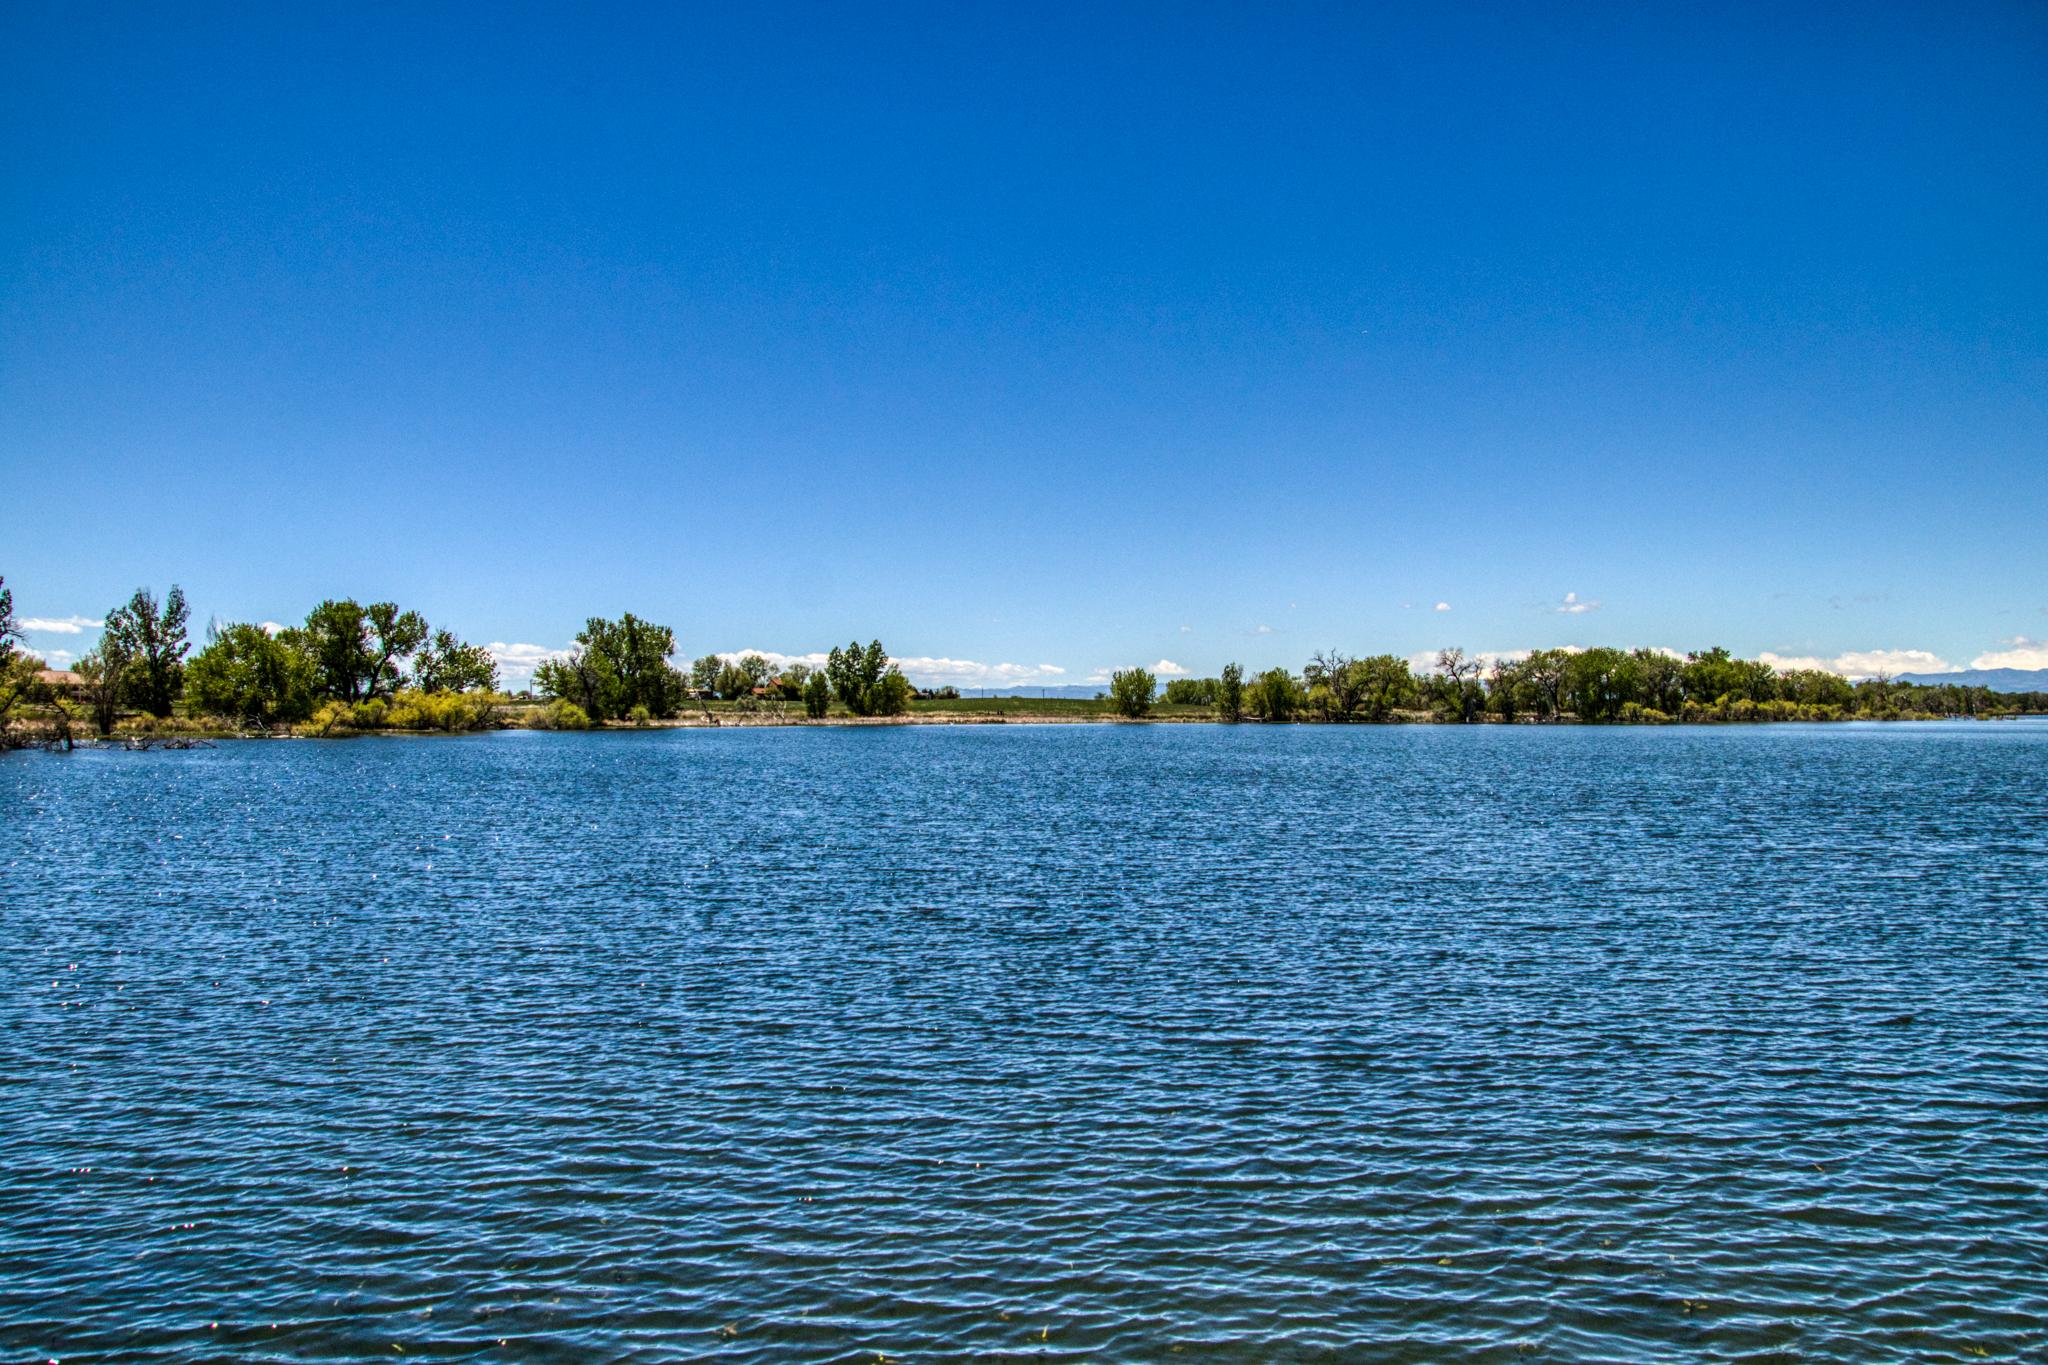 lake2 (1 of 1)